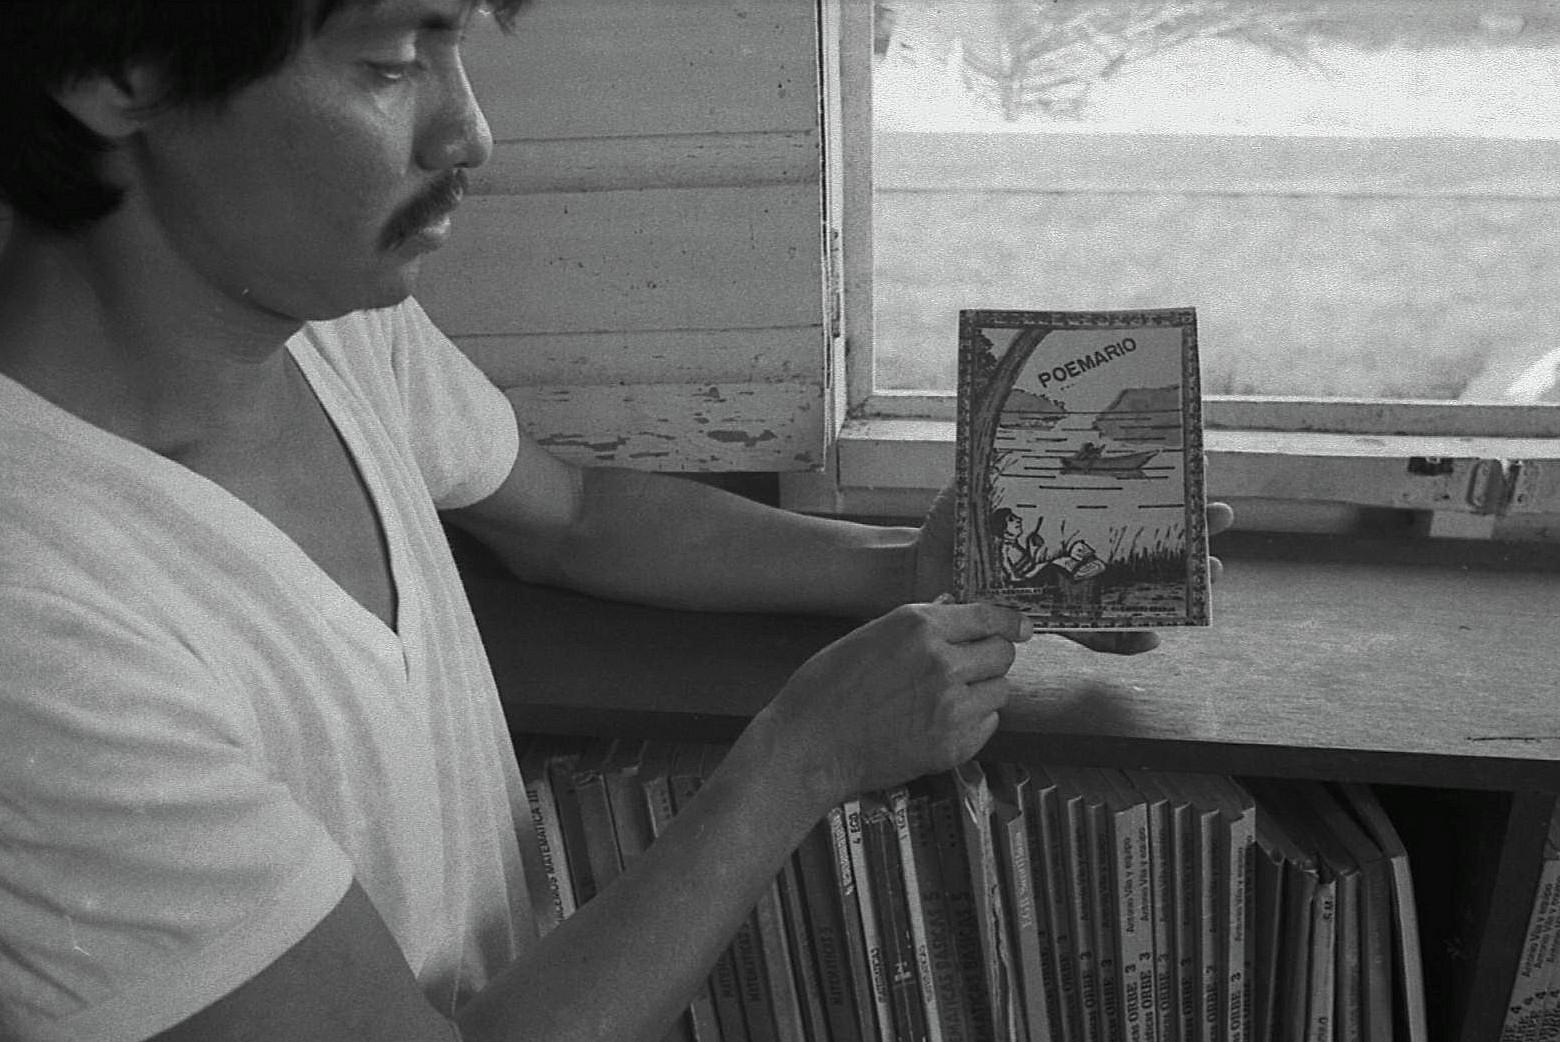 Casa de Cultura, San Carlos - Gedichte 1986